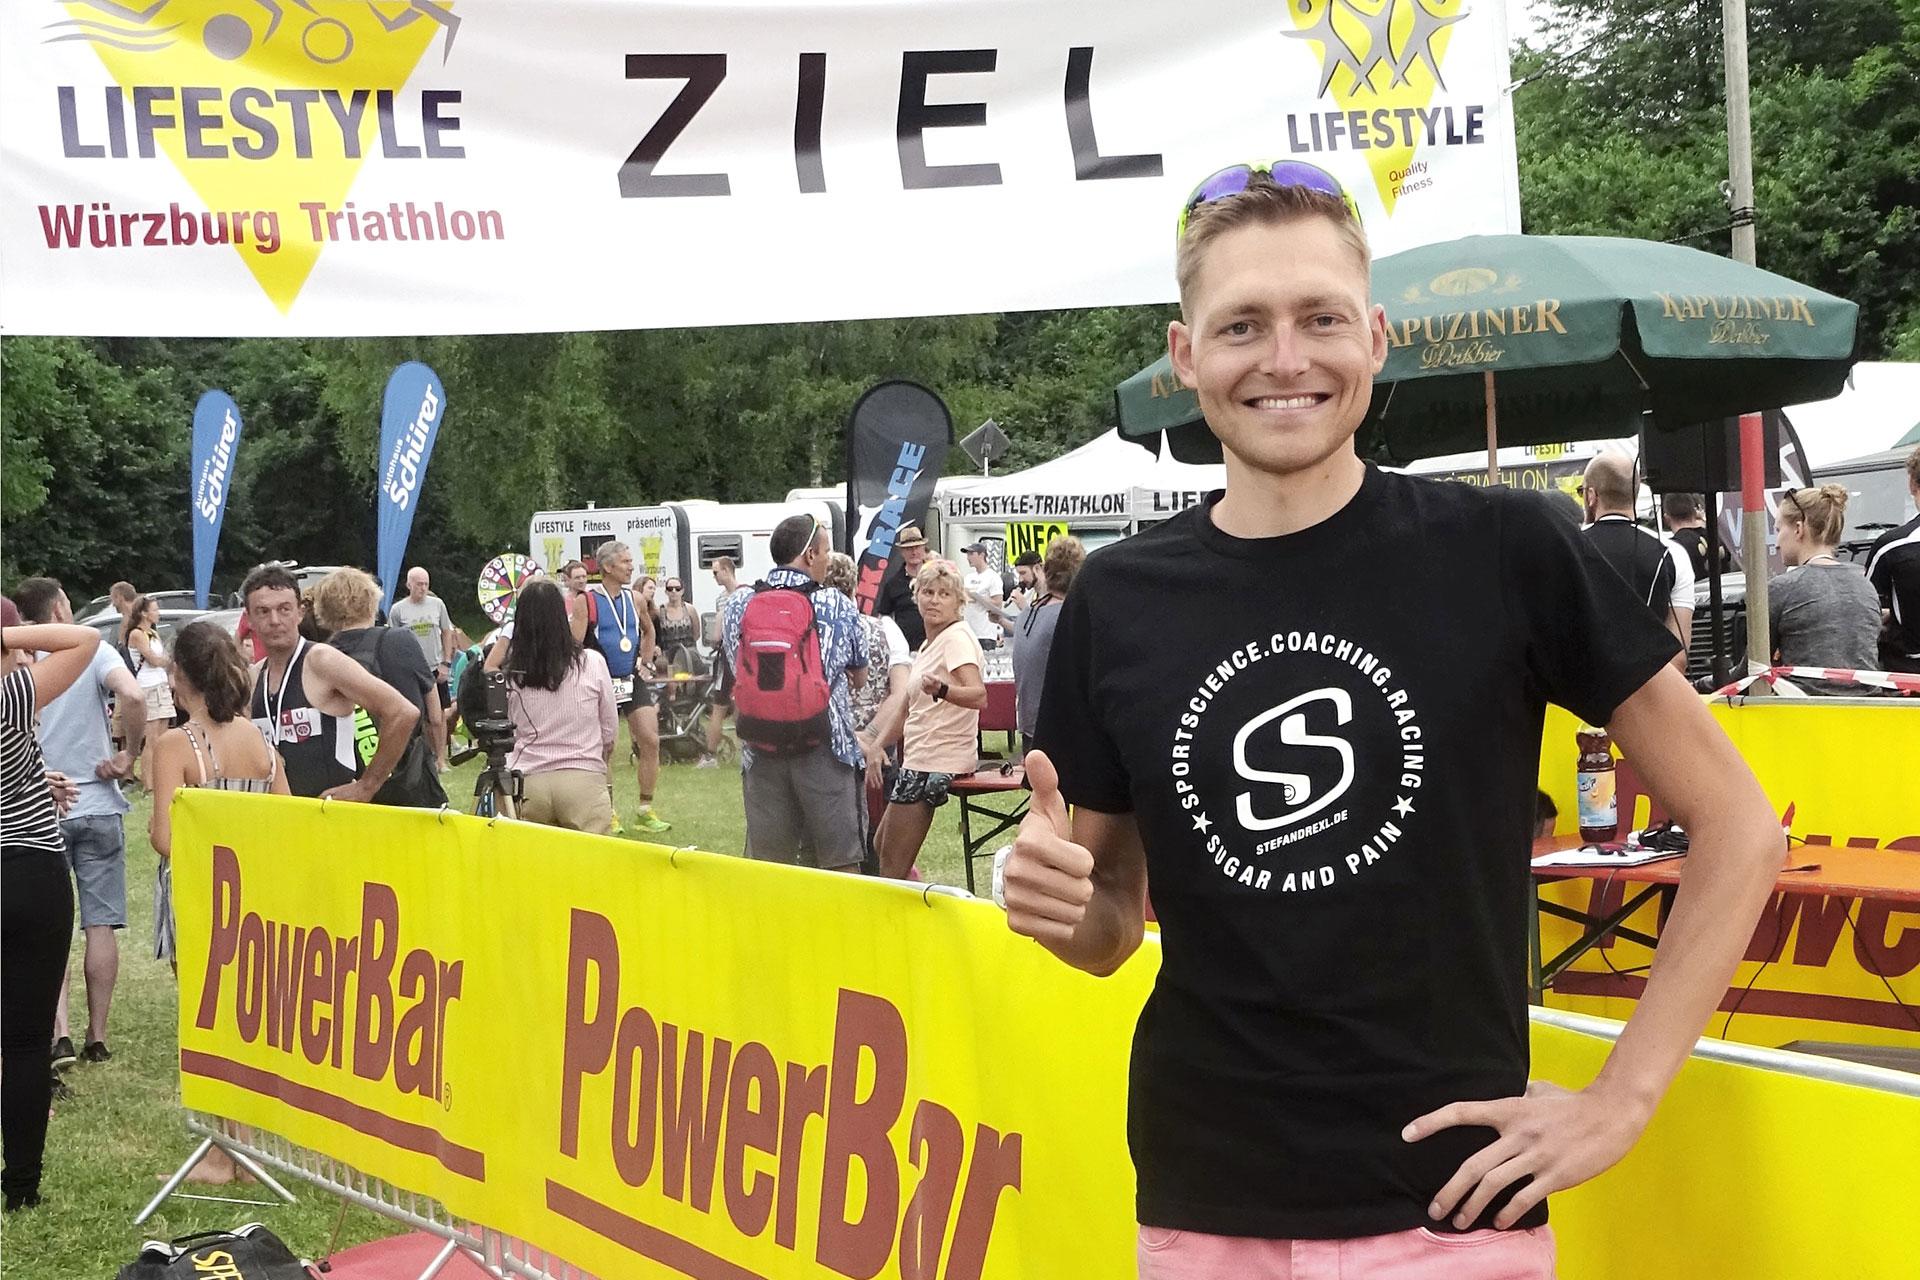 TRIATHLON CHIEMSEE 2017 Starke Erfolge im Kampf gegen die Elemente / Sven Pollert glücklich nach seinem Erfolg auf der Mitteldistanz des Triathlon Würzburg 2017